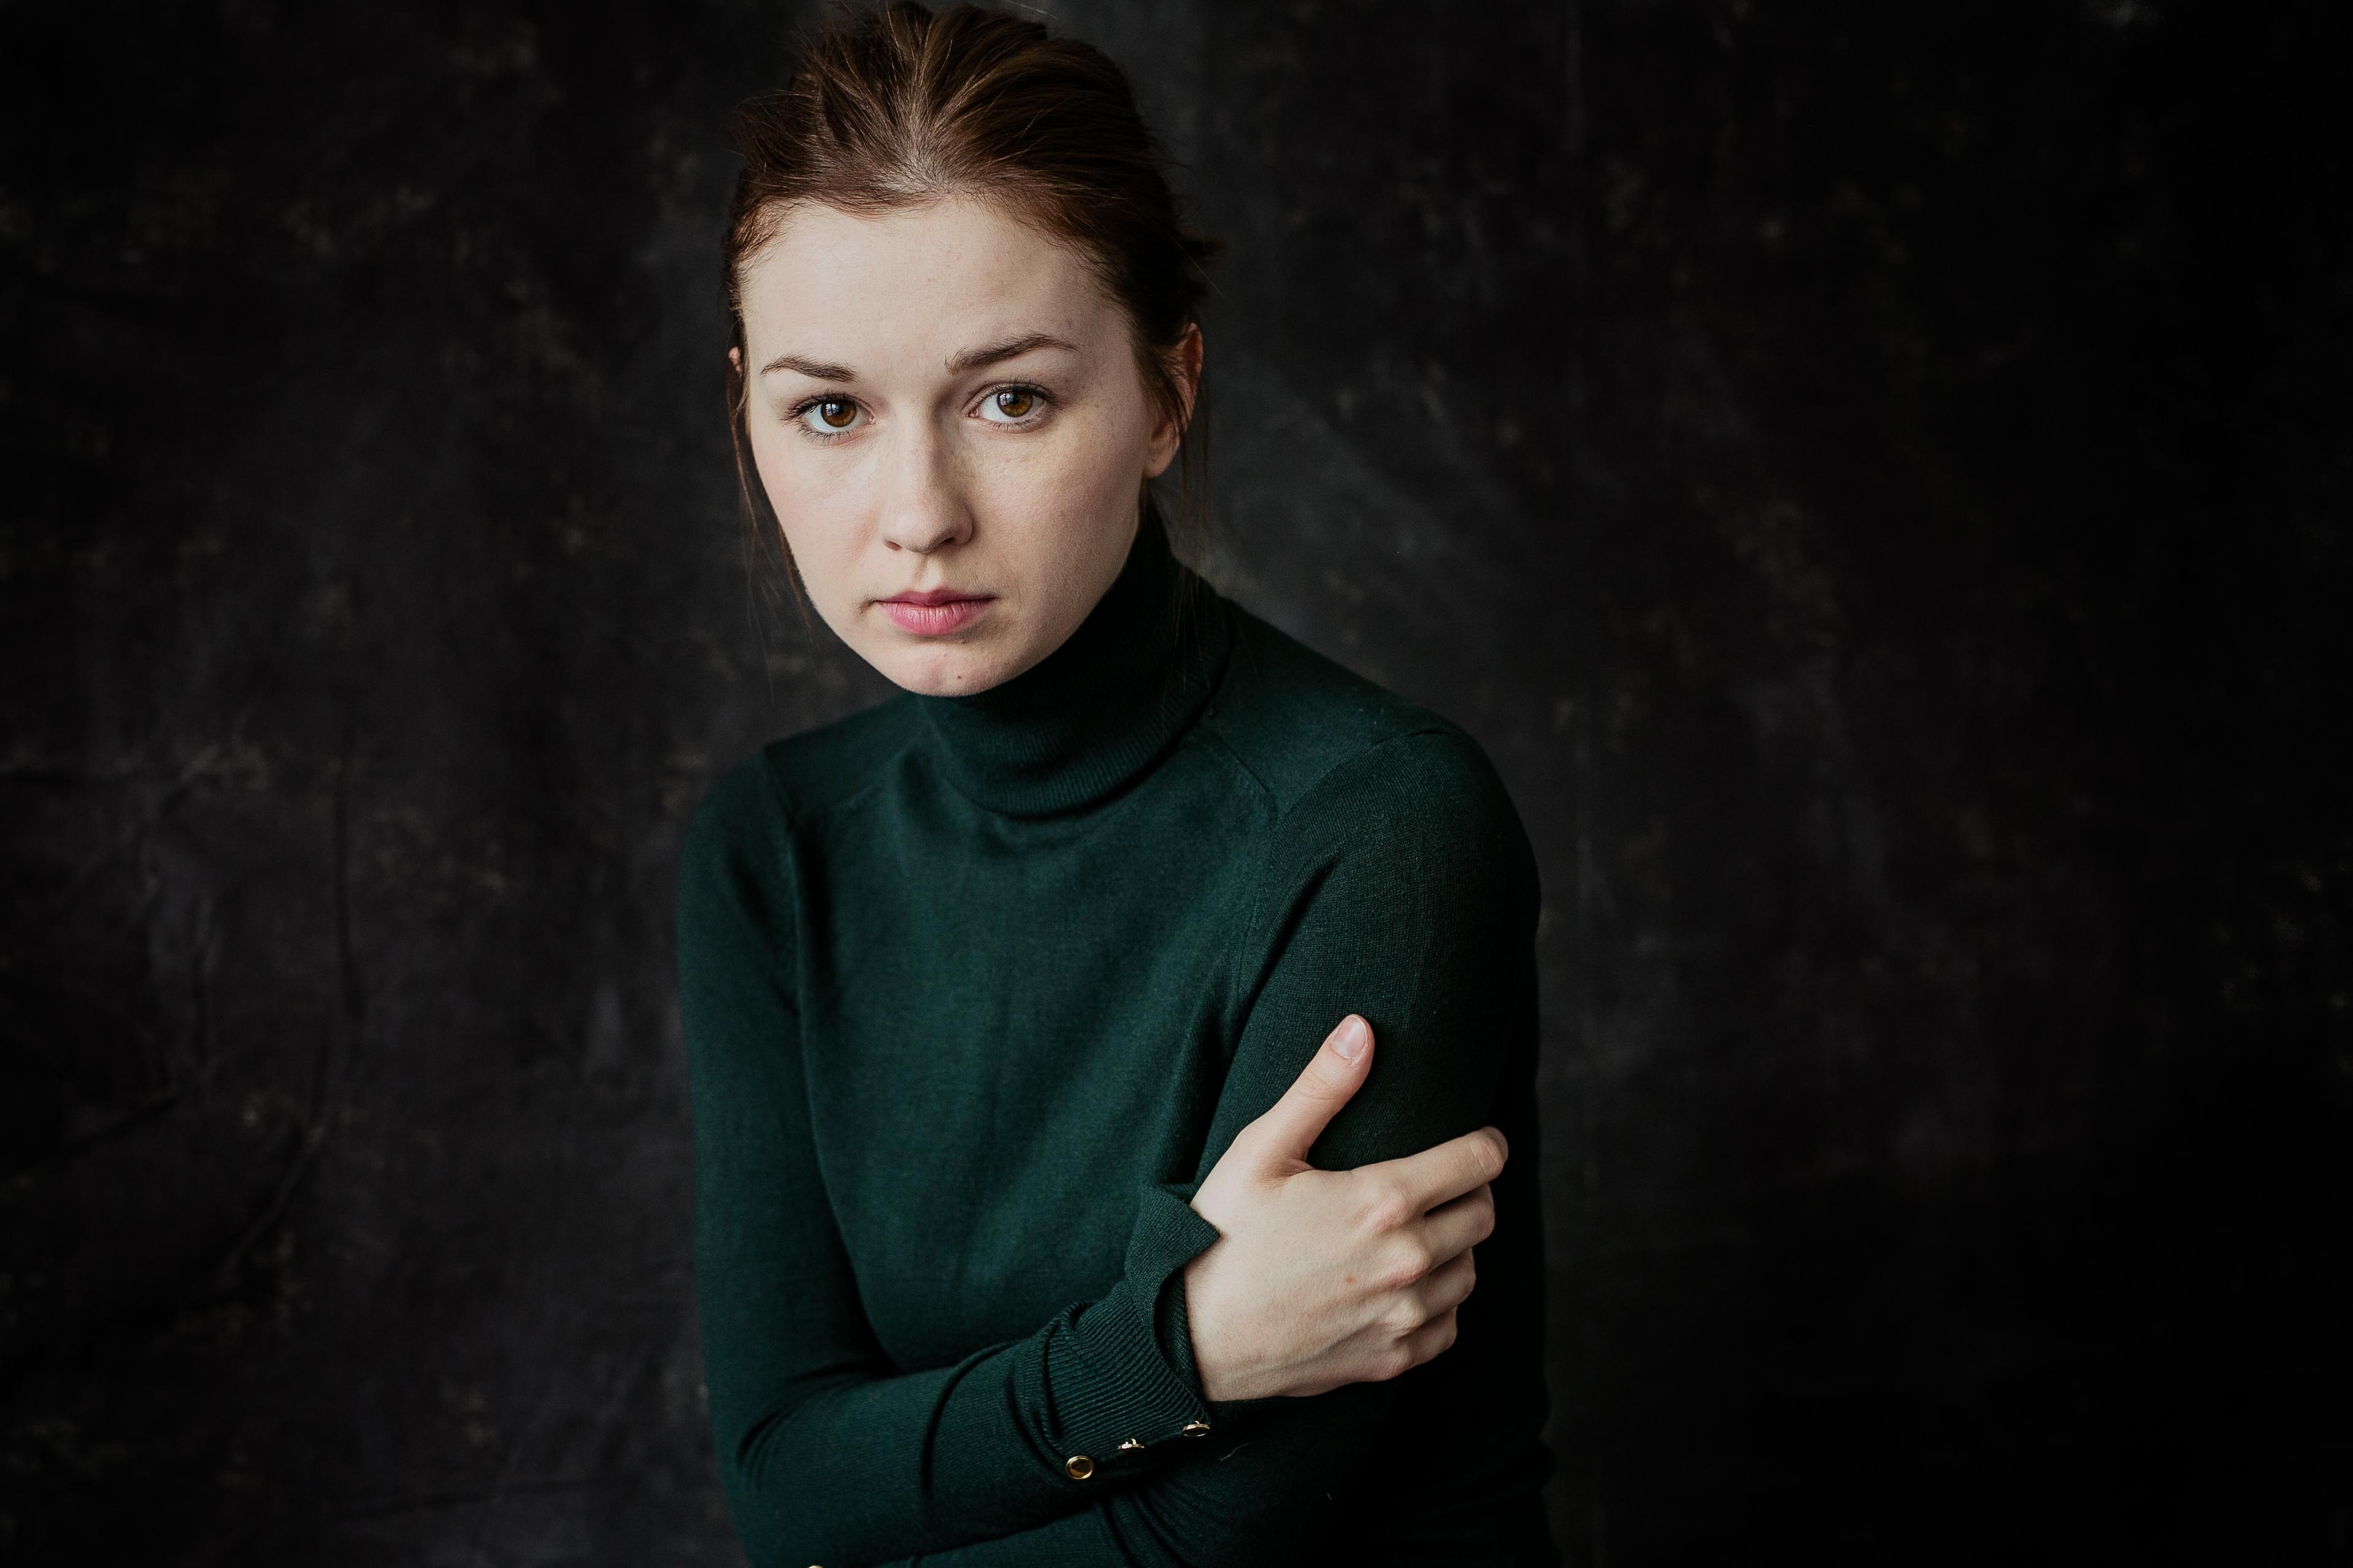 fot.Marek Zimakiewicz